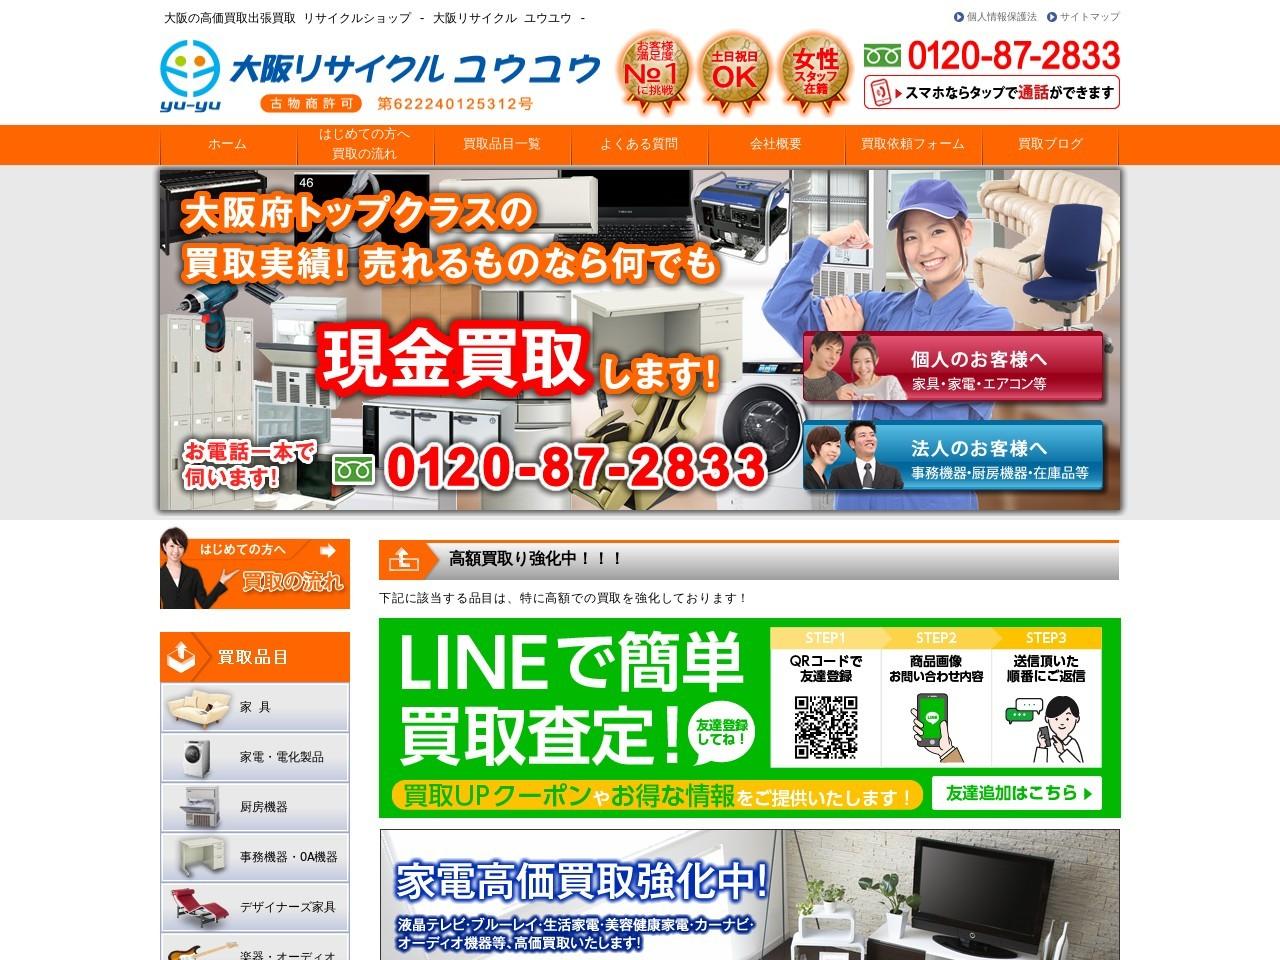 大阪の高価出張買取リサイクルショップ|大阪リサイクルユウユウ